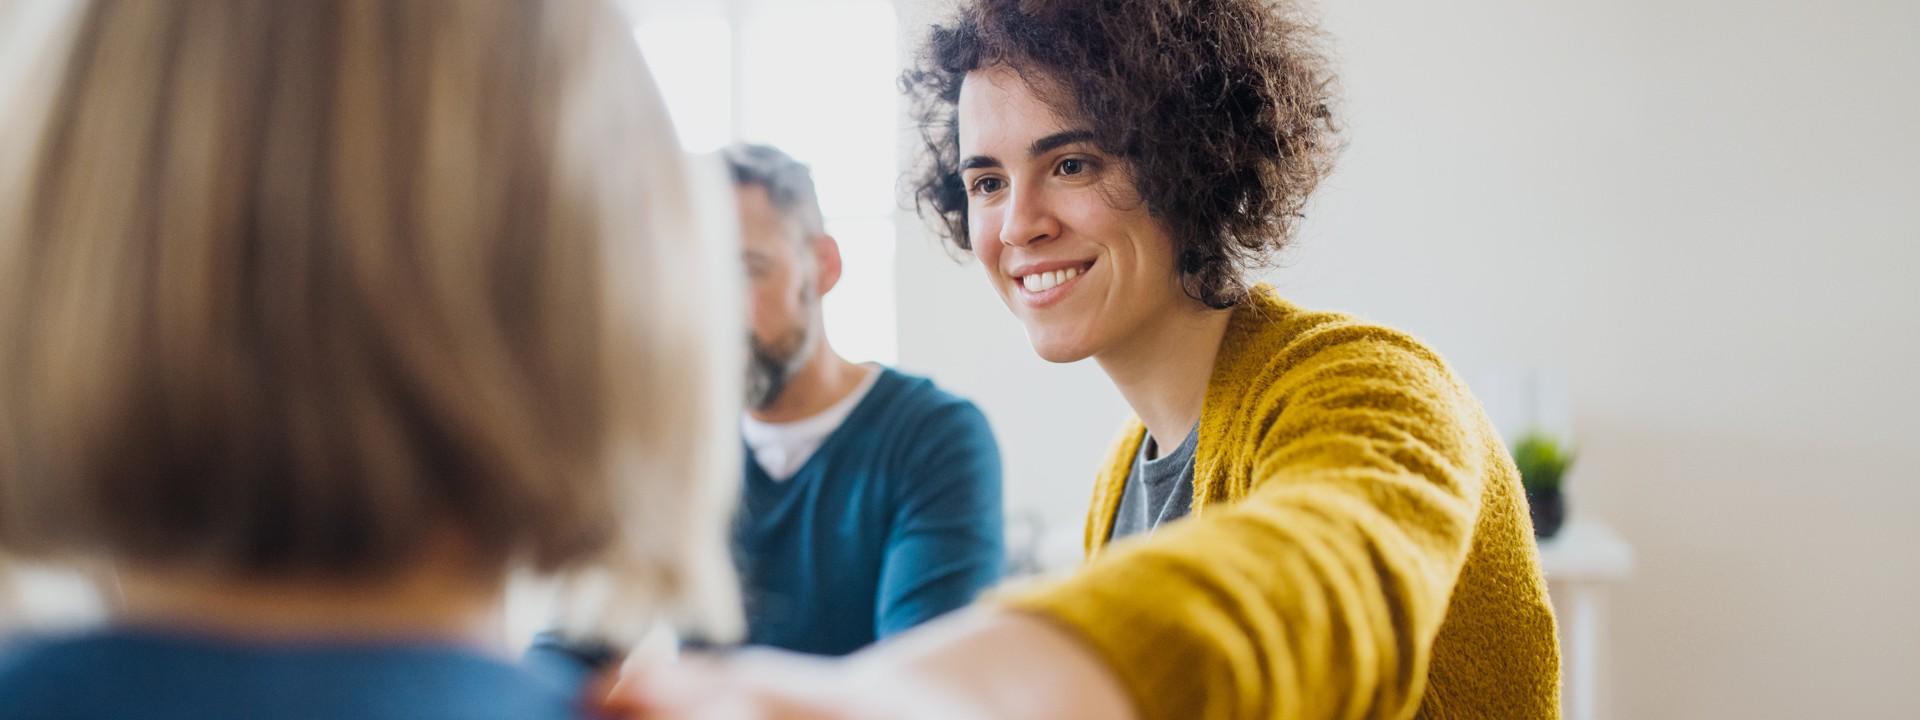 Zwei Frauen sitzen sich gegenüber und lächeln sich an. Eine Frau legt der anderen Frau ihre linke Hand auf die Schulter.sch und unterhalten sich. Die rechte Frau hält in der rechten Hand einen Stift und macht Notizen.